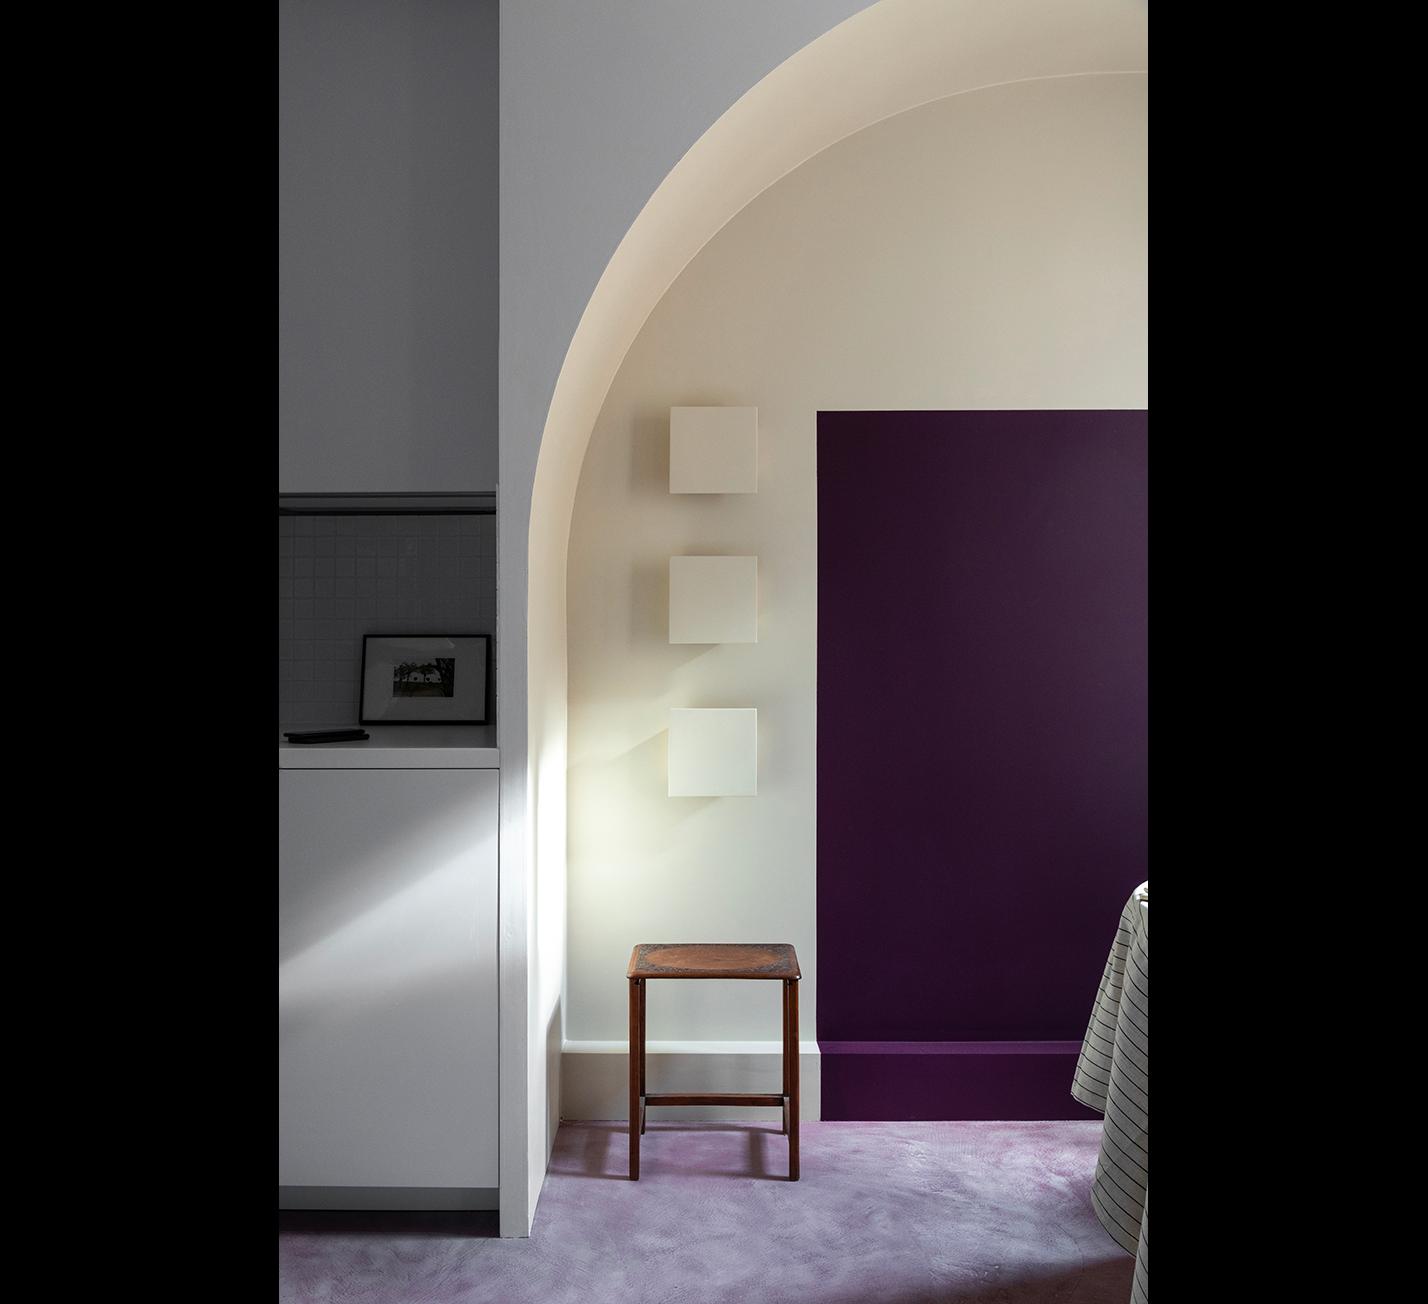 Appartement-Léon-paris-rénovation-architecture-paris-construction-atelier-steve-pauline-borgia-4